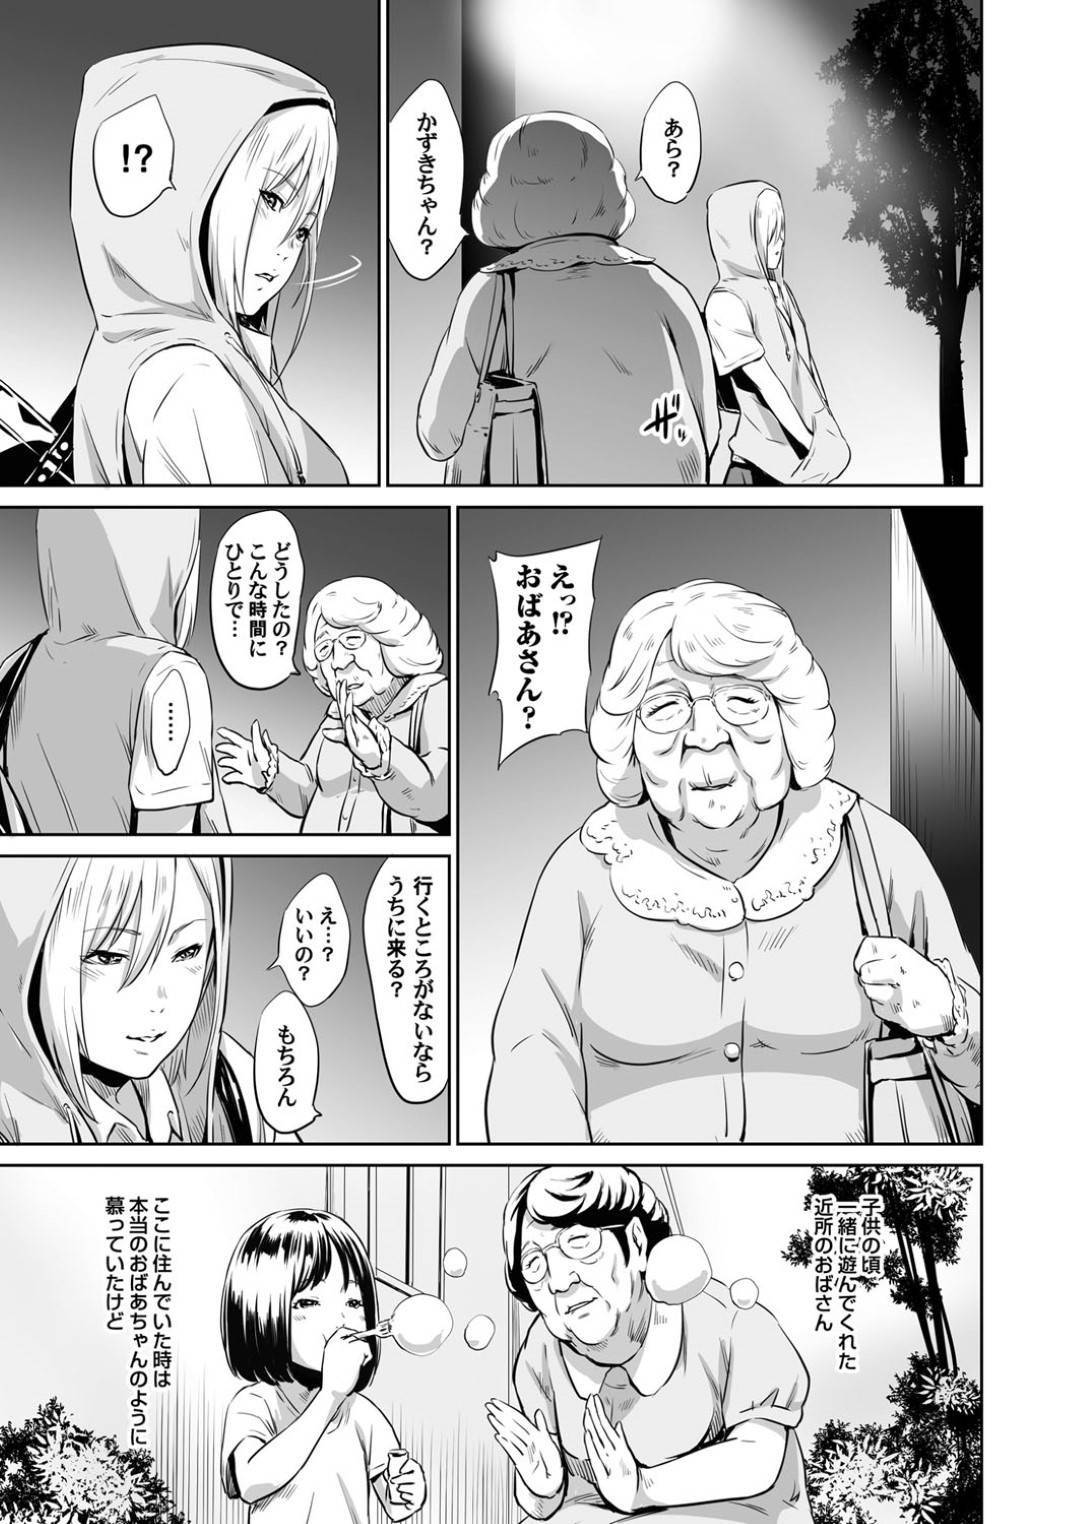 【エロ漫画】昔一緒に遊んでくれたおばあさんの家に泊まる家出JKは、実は有名な女装家だったおばあさんにレイプされ中出しされてしまう